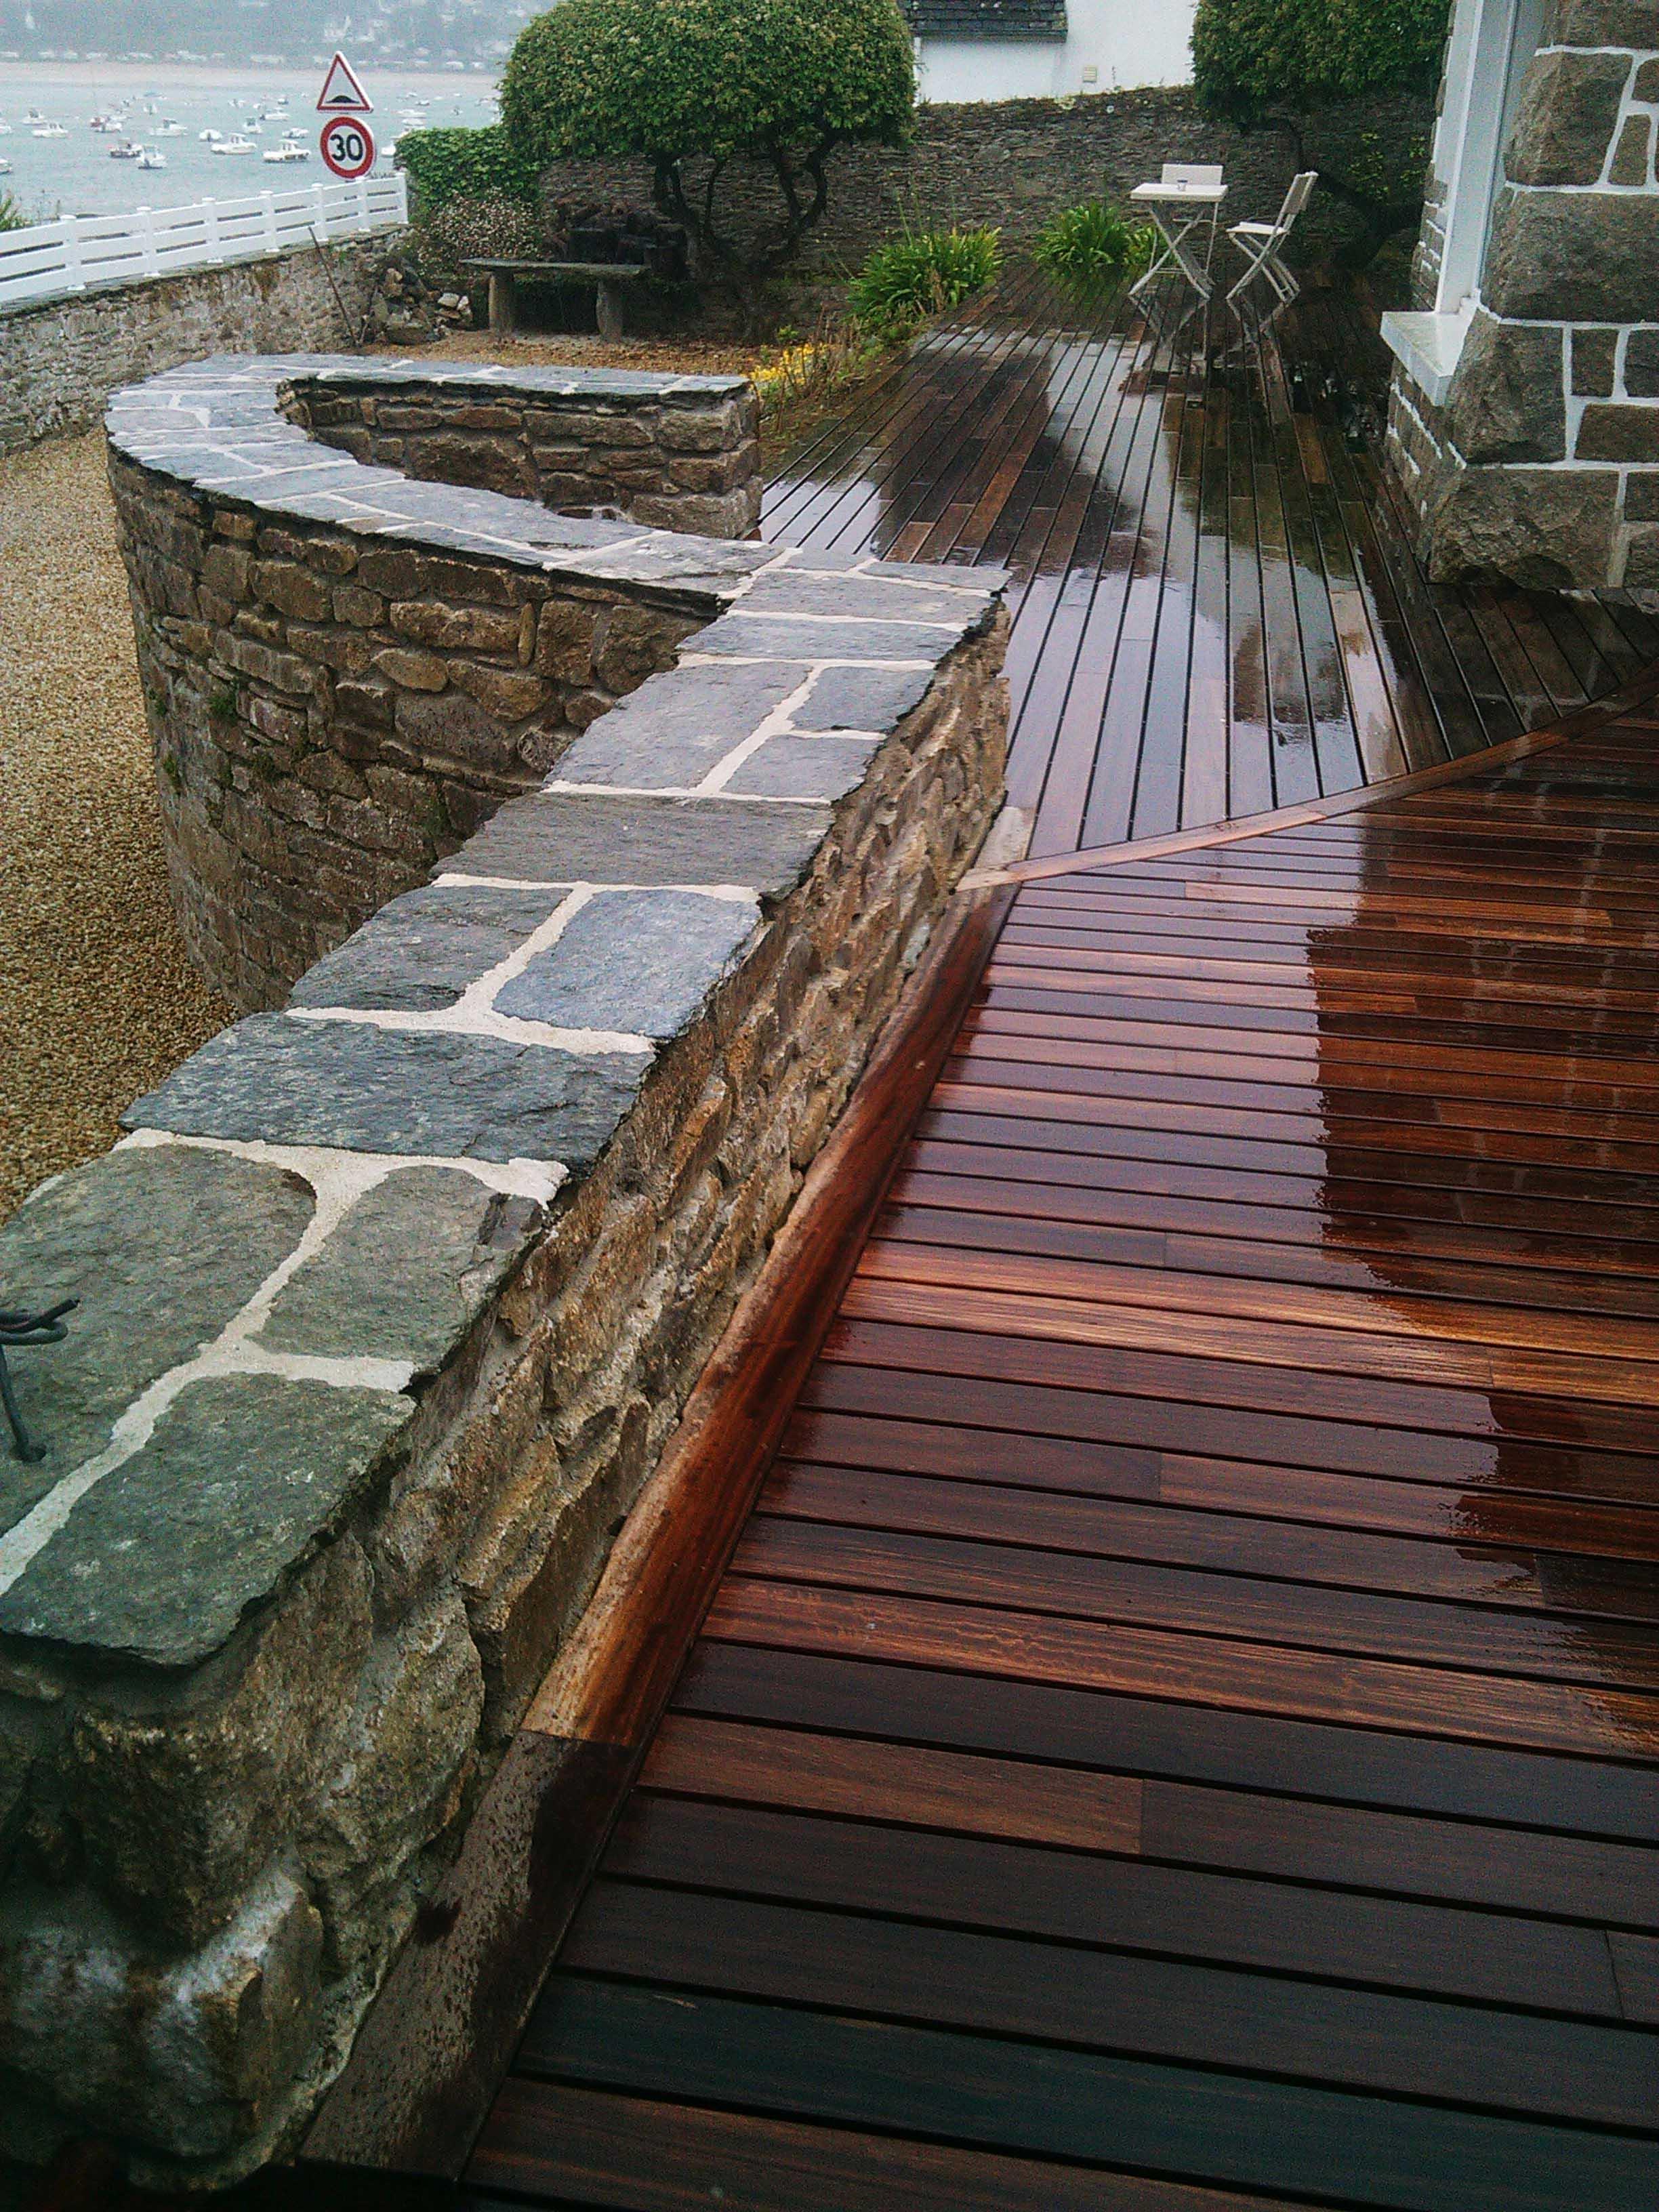 Rehaussement de muret pour banquette et terrasse bois exotique